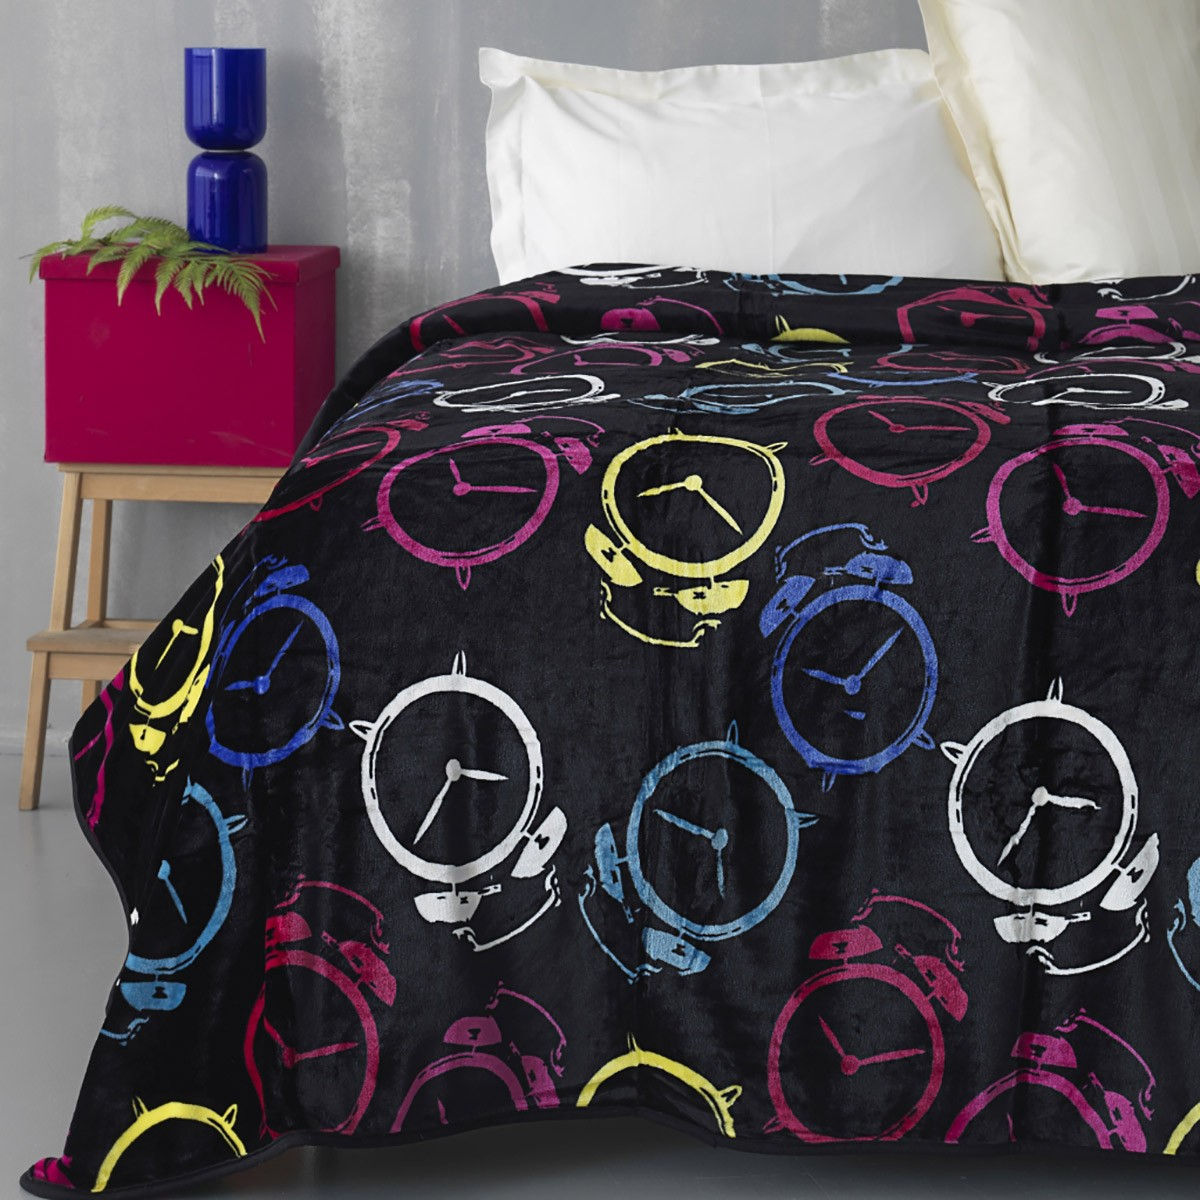 Κουβέρτα Fleece Μονή Palamaiki Silky 248 home   κρεβατοκάμαρα   κουβέρτες   κουβέρτες fleece μονές